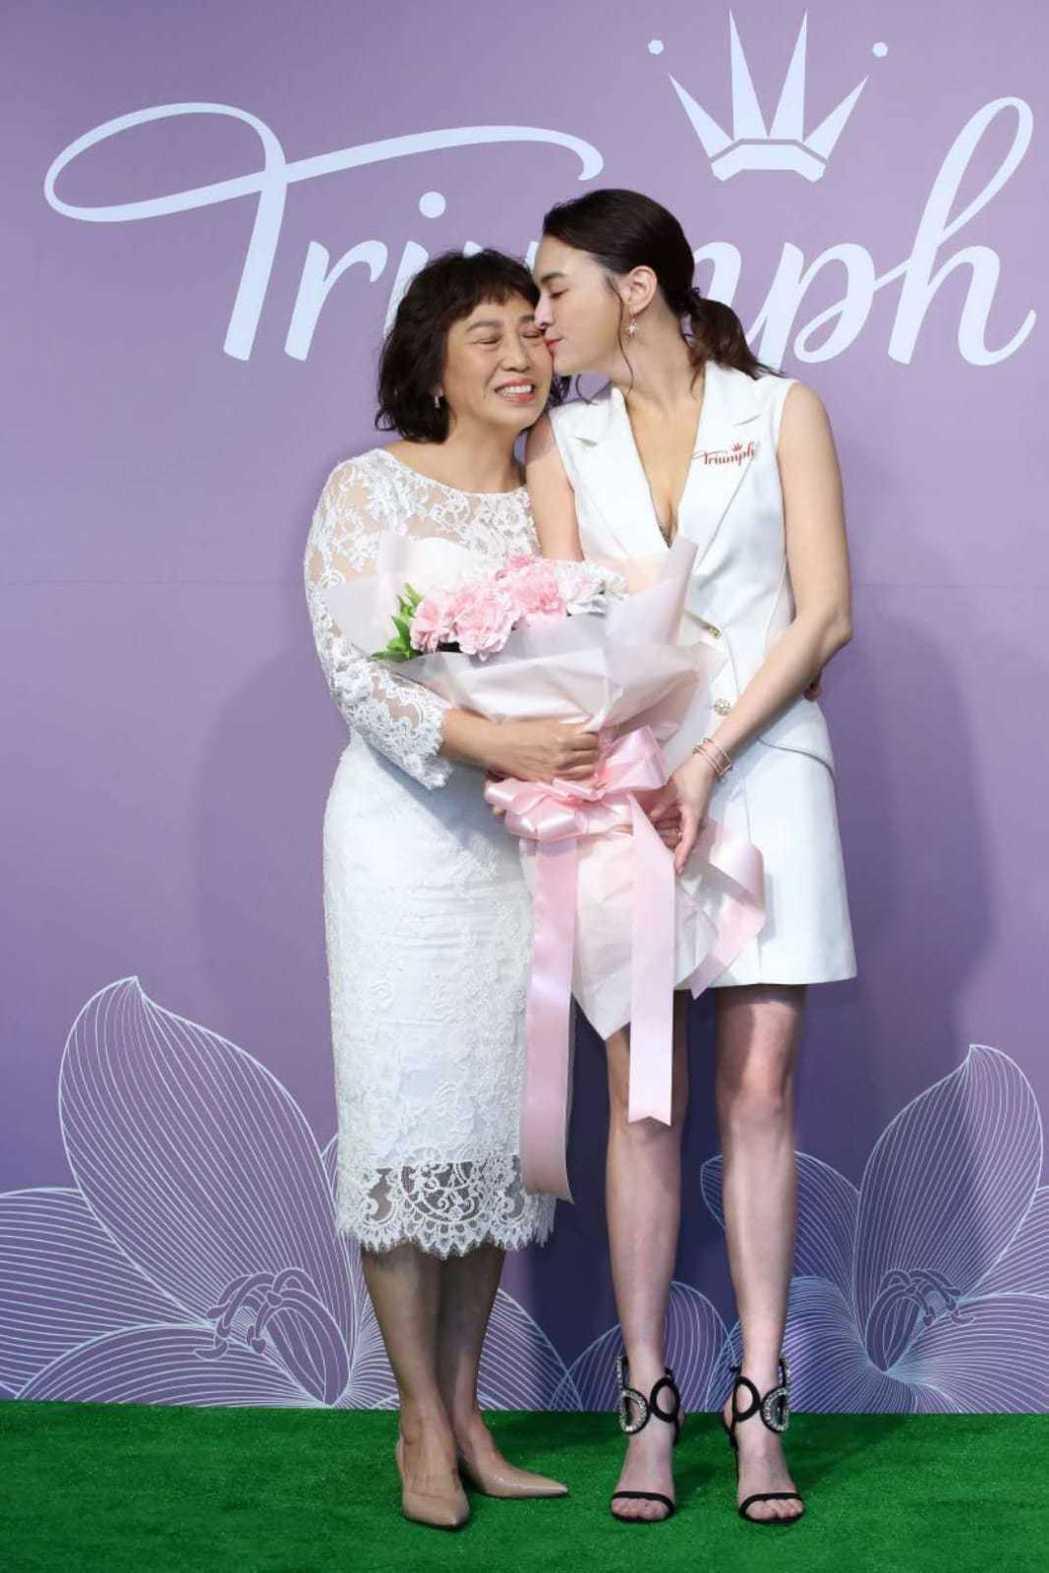 張榕容(右)出席品牌活動,媽媽(左)也首度公開亮相探班齊過母親節。圖/黛安芬提供